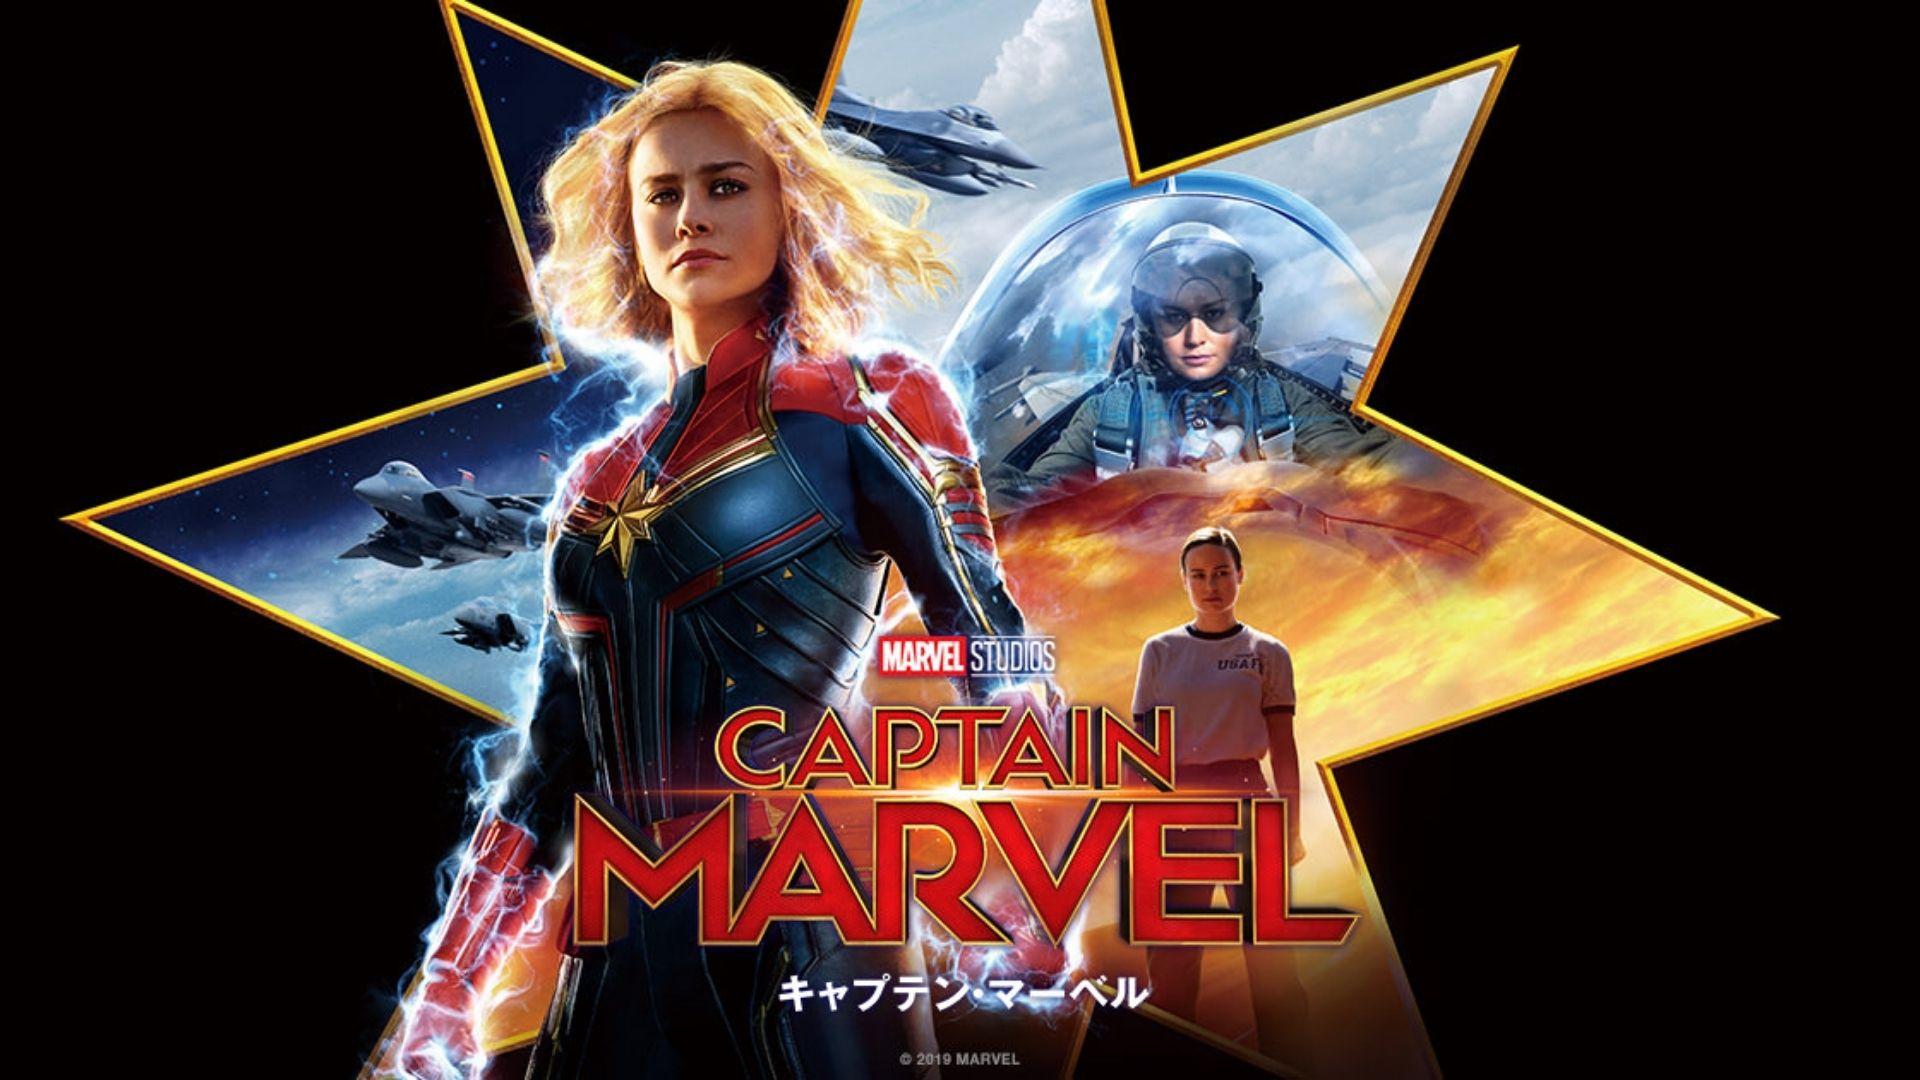 【マーベル映画】『キャプテン・マーベル』のあらすじ、登場ヒーロー・ヴィラン一覧【MCUネタバレ注意】